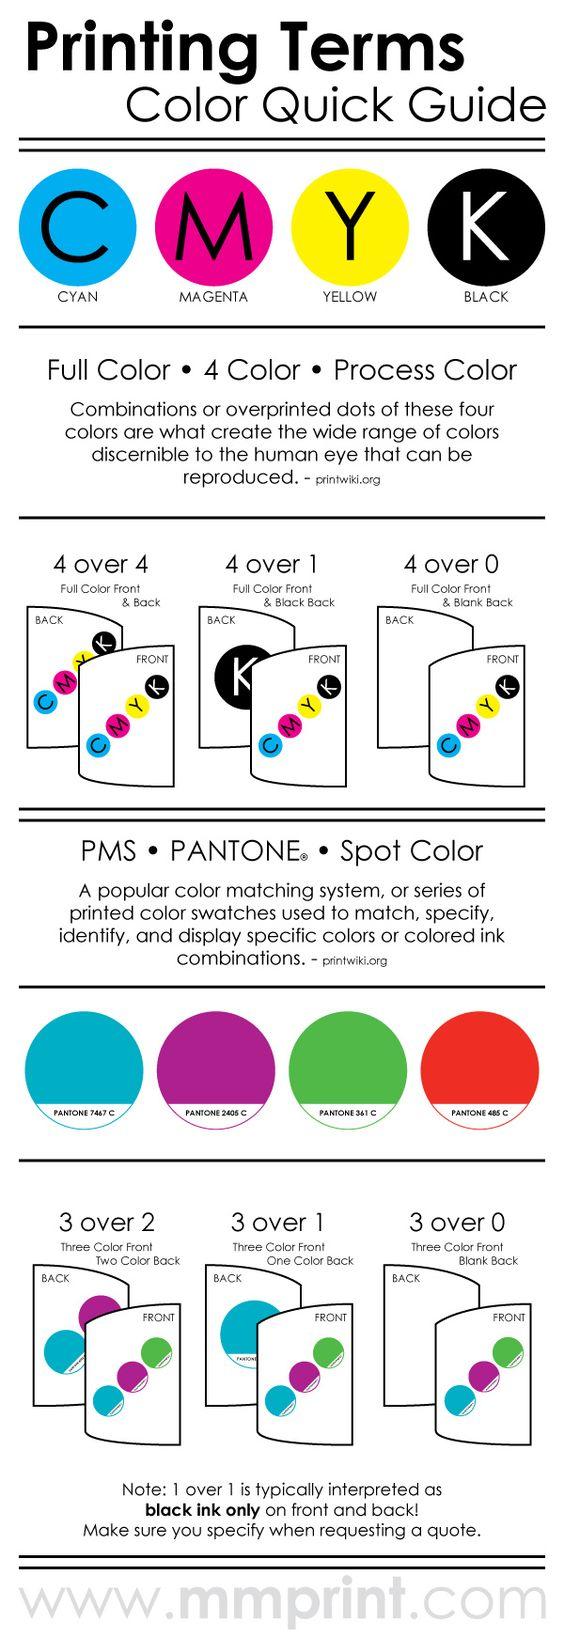 مزایای چاپ افست چیست؟